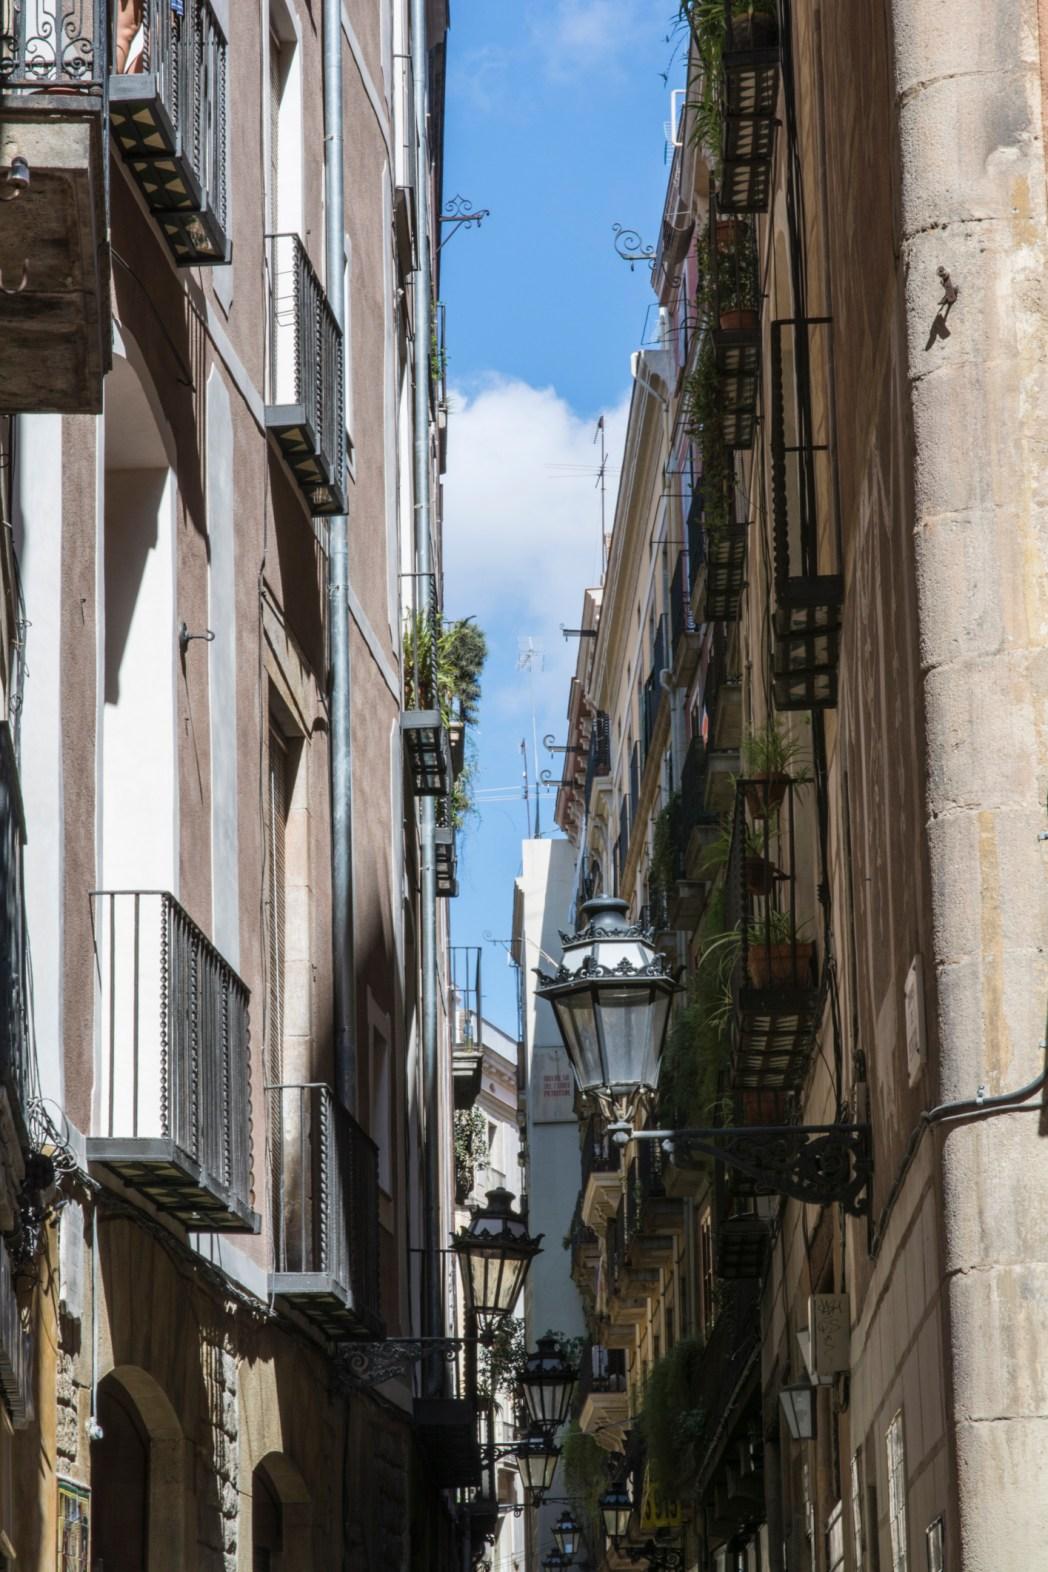 calle petritxol de barcelona